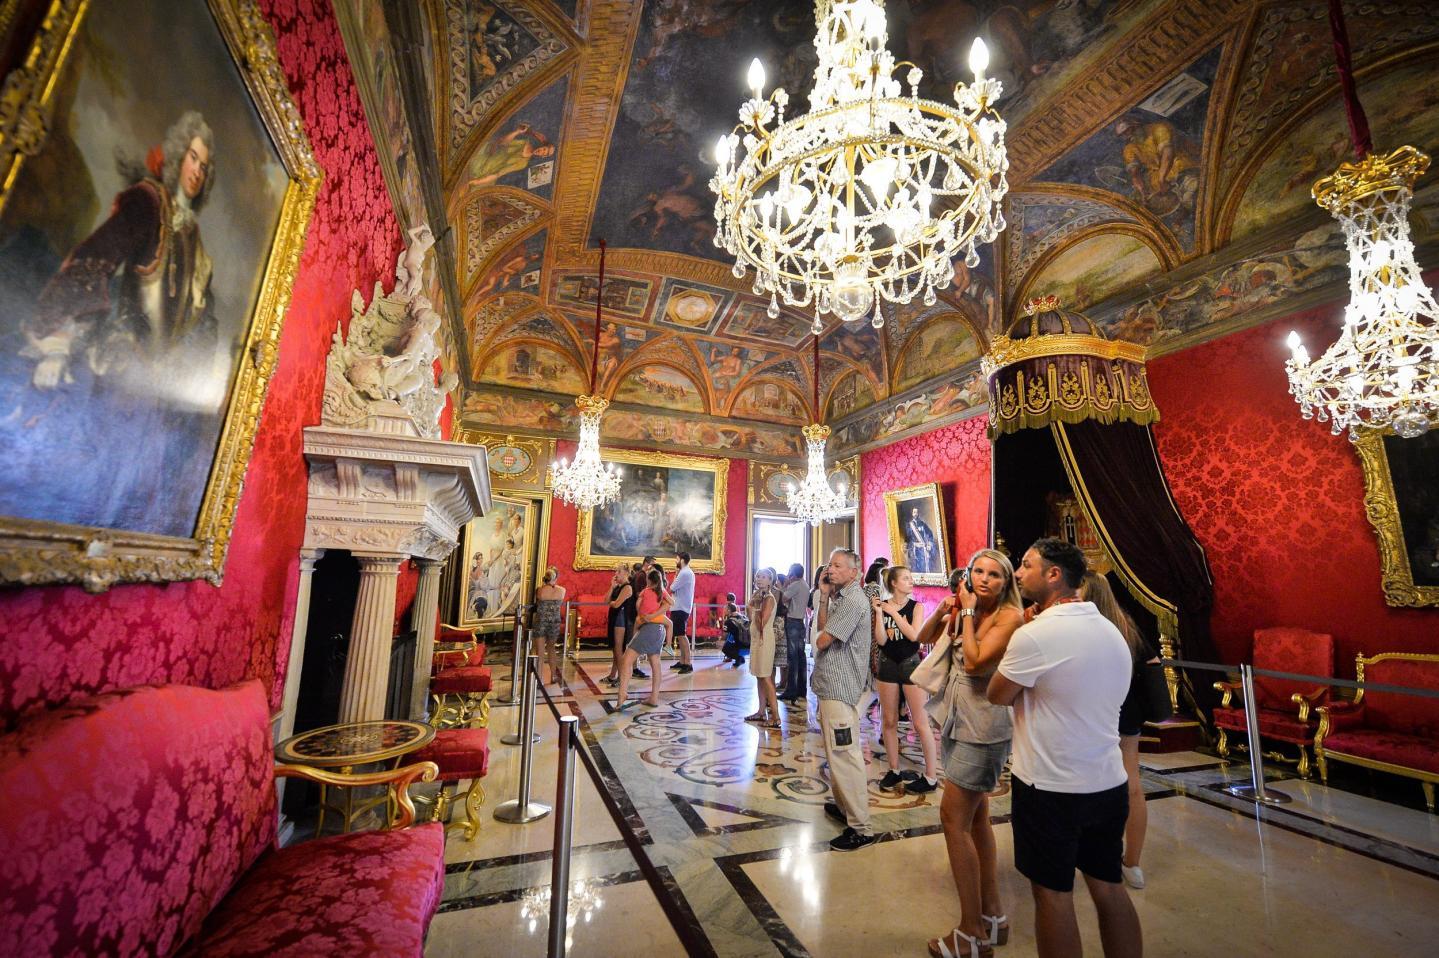 Est-ce le Génois Nicolosio Granello qui a exécuté les décors du plafond de la salle du trône ? Des documents pourraient prouver que oui.